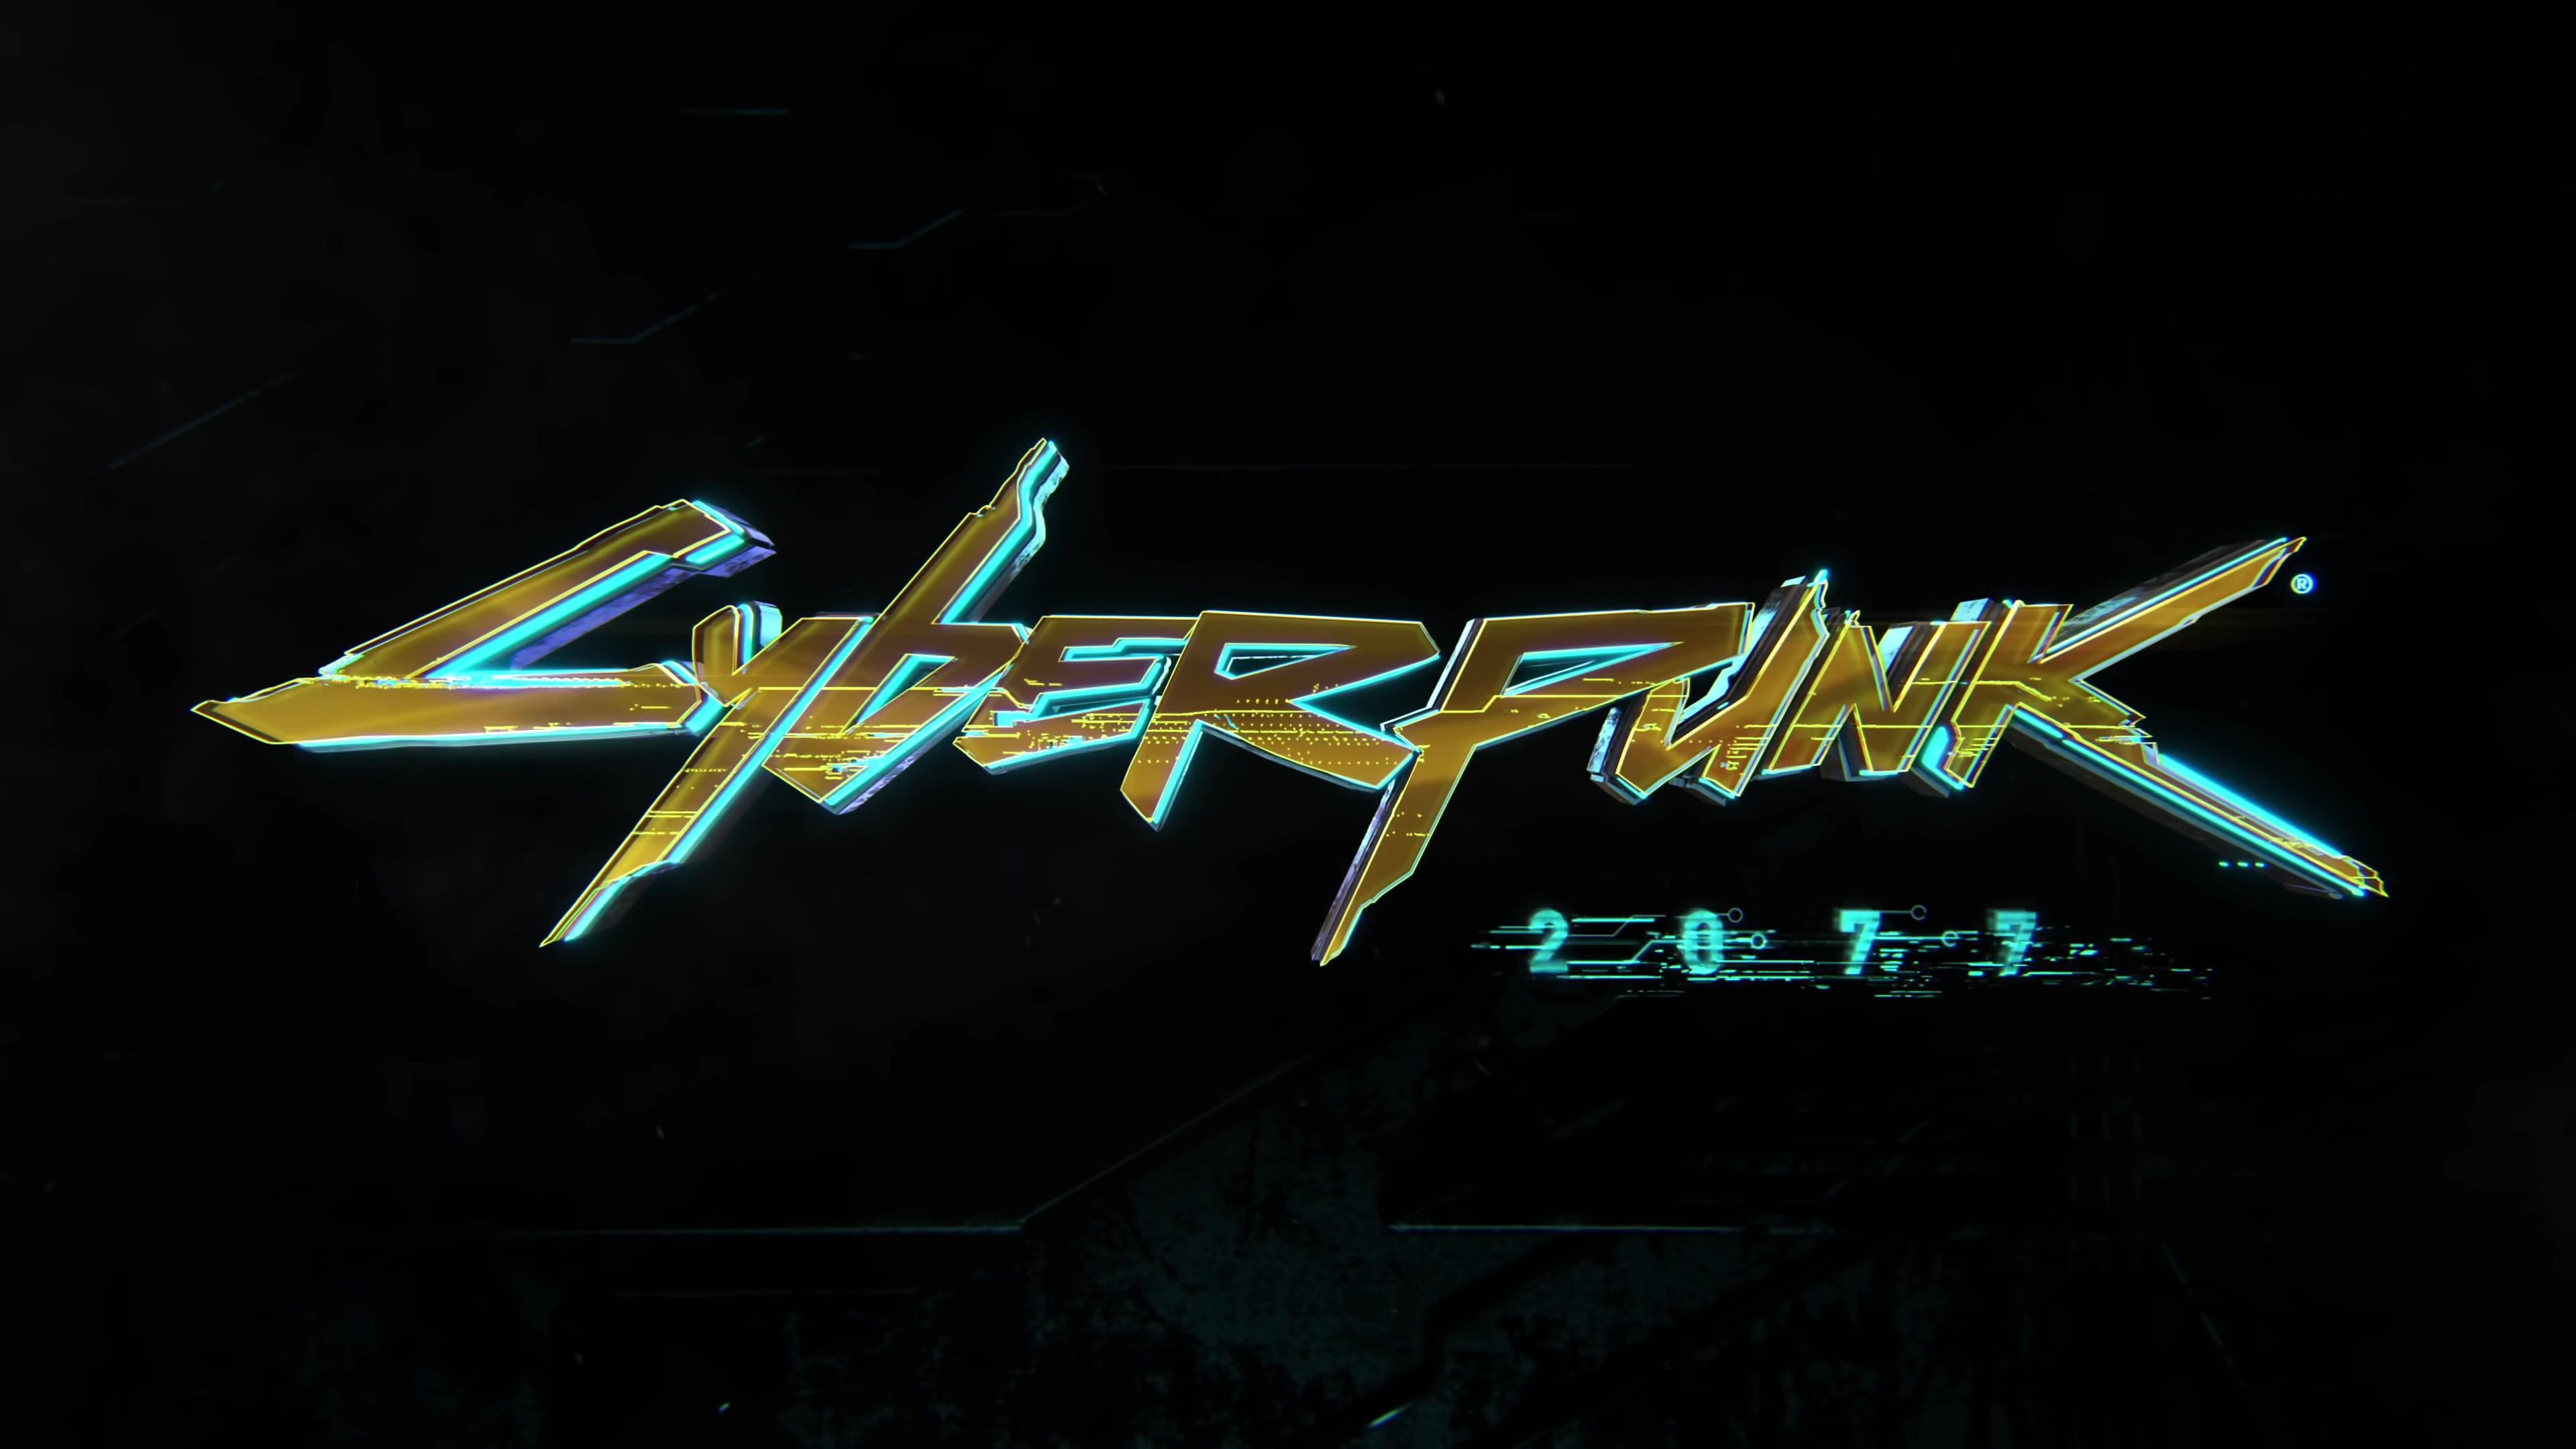 Cyberpunk 2077 088.jpg - Cyberpunk 2077